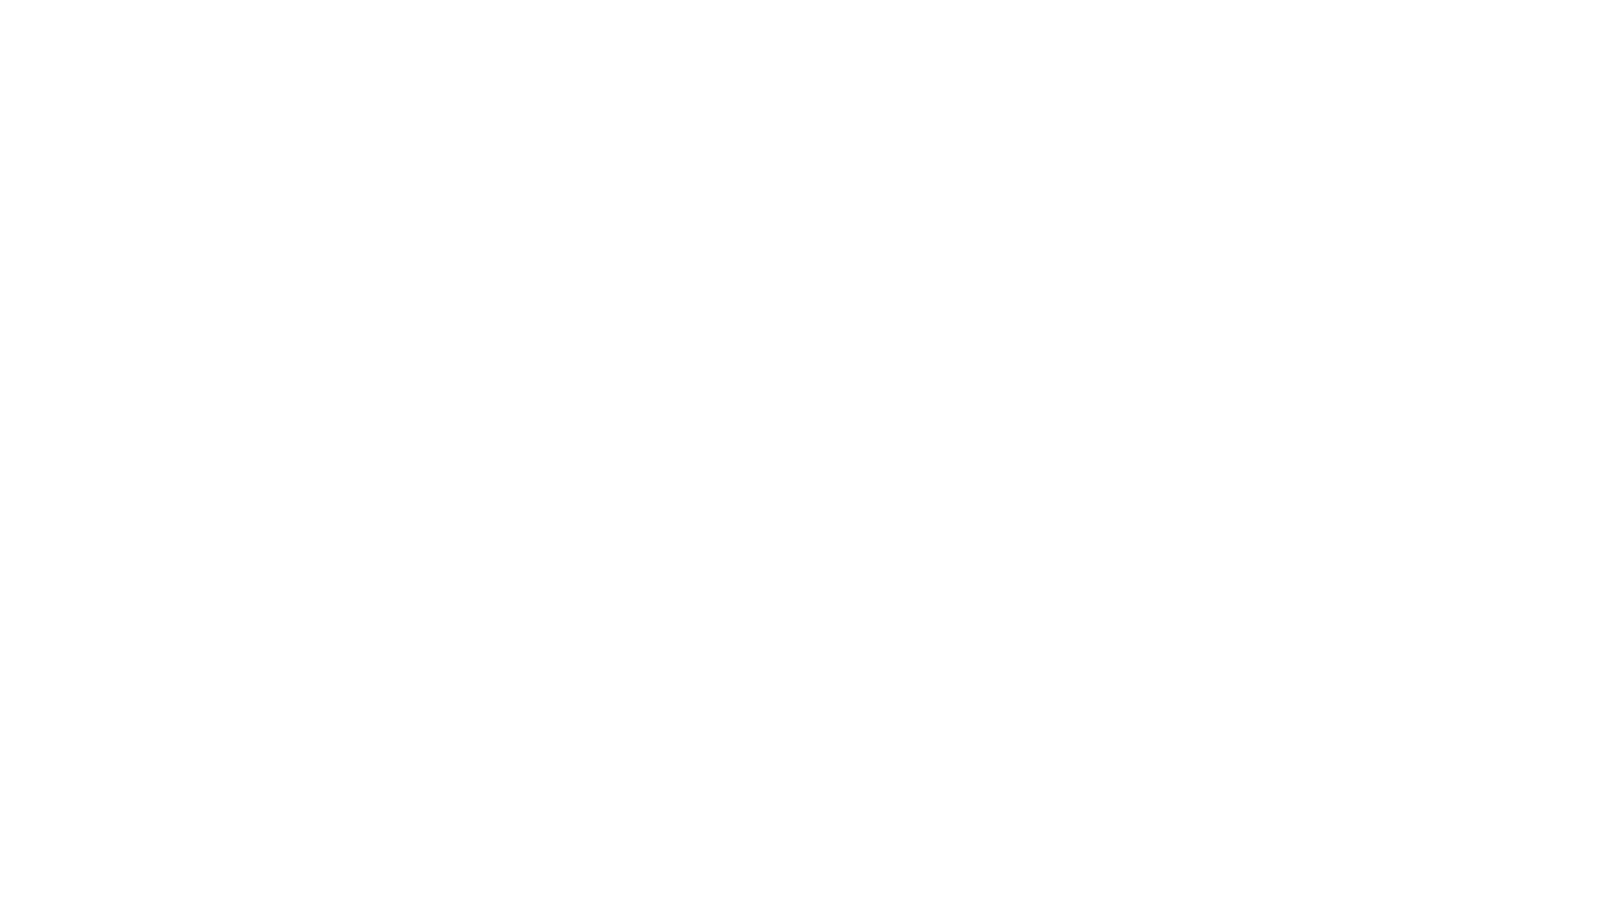 CONSEIL LECTURE SOCIETE | LA FRANCE DANS LE COEUR, de Fabrice Engoudou Biolo LA , Ed. La Concrète  https://laconcrete.fr/ Thème SOCIETE à retrouver ici https://bit.ly/3xfX4my Chers lecteurs, « Comment rester indifférent et silencieux quand on aime son pays ? ». À cette question qu'il se pose, Fabrice Engoudou Biolo répond par une analyse critique de la France. Ce nouveau livre La France dans le cœur… invite à regarder ce qui nous rassemble plutôt que ce qui nous divise. CHAPITRES  00:58 « Qui aime bien… » 01:30 Rétroviseur 02:17 Ouvrir les portes 02:53 Faire sens 03:24 Tous responsables 04:29 Vous et l'auteur Je suis Fabienne La Concrète, éditrice et book-tubeuse* à l'encre sympathique révélatrice de tout ce qui élève la culture, le livre et surtout son auteur. *YouTubeuse de livres  🏆 Ecrivez-moi en commentaire ici si les propos de Fabrice Engoudou Biolo vous concernent. En cadeau 🎁 votre marque-page personnalisable et téléchargeable ici https://bit.ly/36eUgLN pour accompagner votre lecture (d'autres informations en dessous 👇 et jusqu'en bas) (cliquez sur PLUS). LA FRANCE DANS LE COEUR Fabrice Engoudou Biolo, Ed. La Concrète, Collection Vécu de L'Auteur Disponible en version numérique à 8,42€ et en version broché à 12,90€ Date de publication juillet 2021 ISBN 978-2-9577715-0-9 **************************************************************************** QUI EST FABIENNE ? 👩 Je suis Fabienne, La Concrète. De mon ancien métier de journaliste de presse écrite et chroniqueuse à Radio France, je suis une communicante dans l'âme. Je saute à pieds joints dans l'édition pour fonder La Concrète aux prestations d'édition en supports numériques et contenus atypiques. Consacrée aux auteurs autoédités-ou-pas et leur manuscrit en couveuse, mon travail en mots à l'encre sympathique, et mes chroniques sur ma chaîne YouTube , révèlent tout ce qui élève la culture, le livre et son univers. ***************************************************************************** REJOIGNEZ-MOI ICI